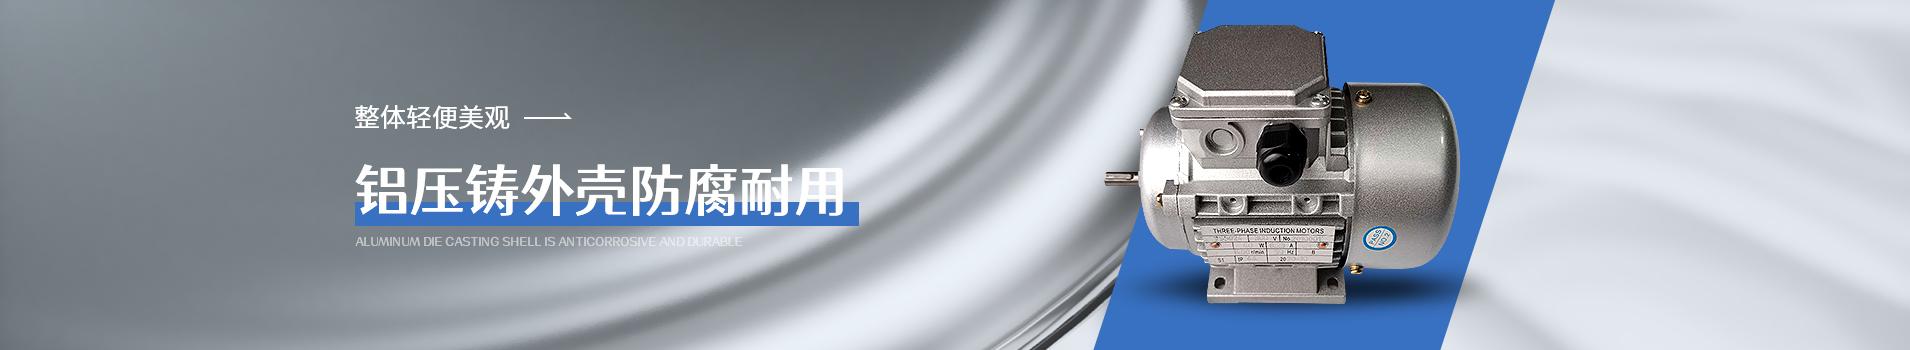 森力三相异步电机铝压铸外壳防腐耐用